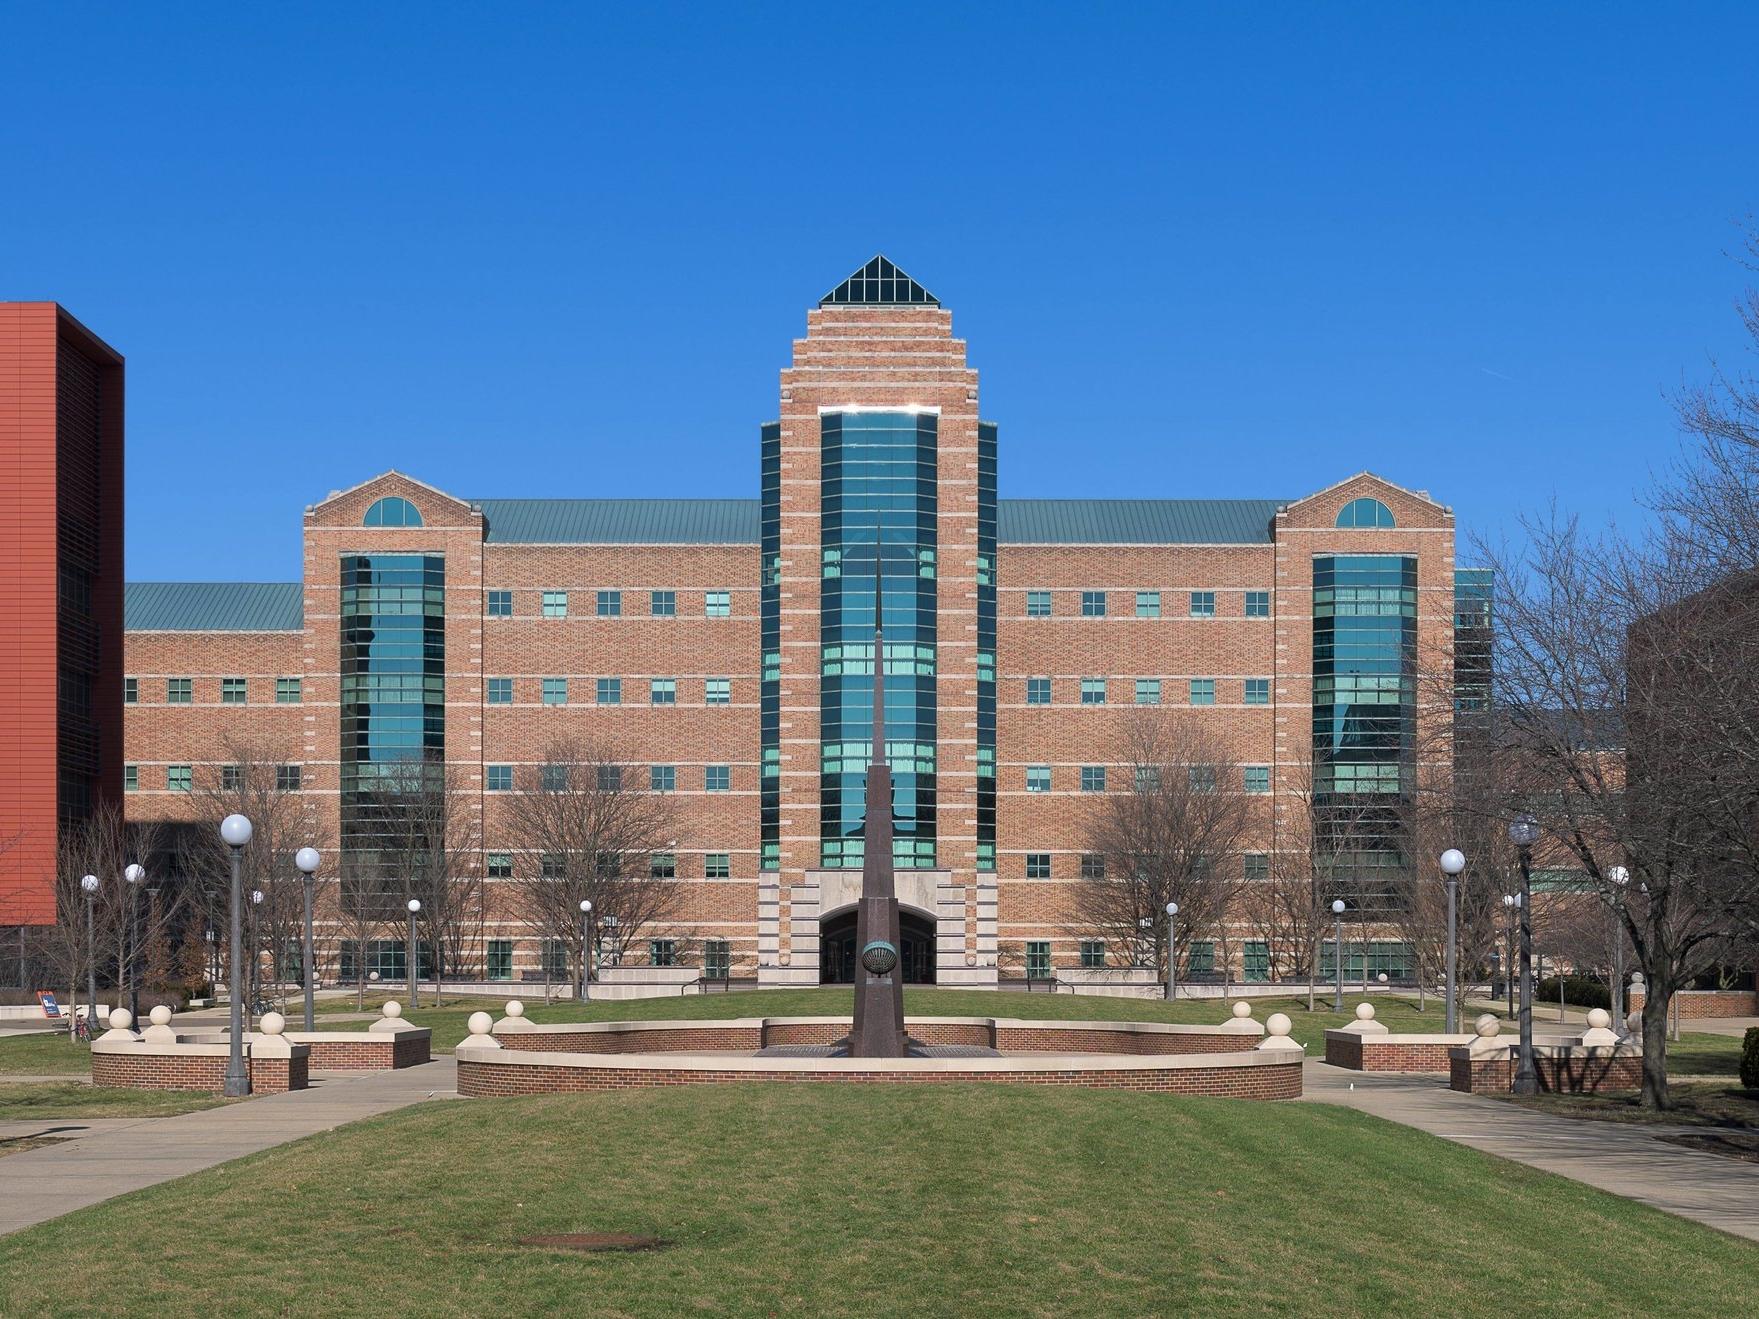 Rizzo-Young-Marketing-LLC-RETC-University-Illinois-Urbana-Champaign.jpeg